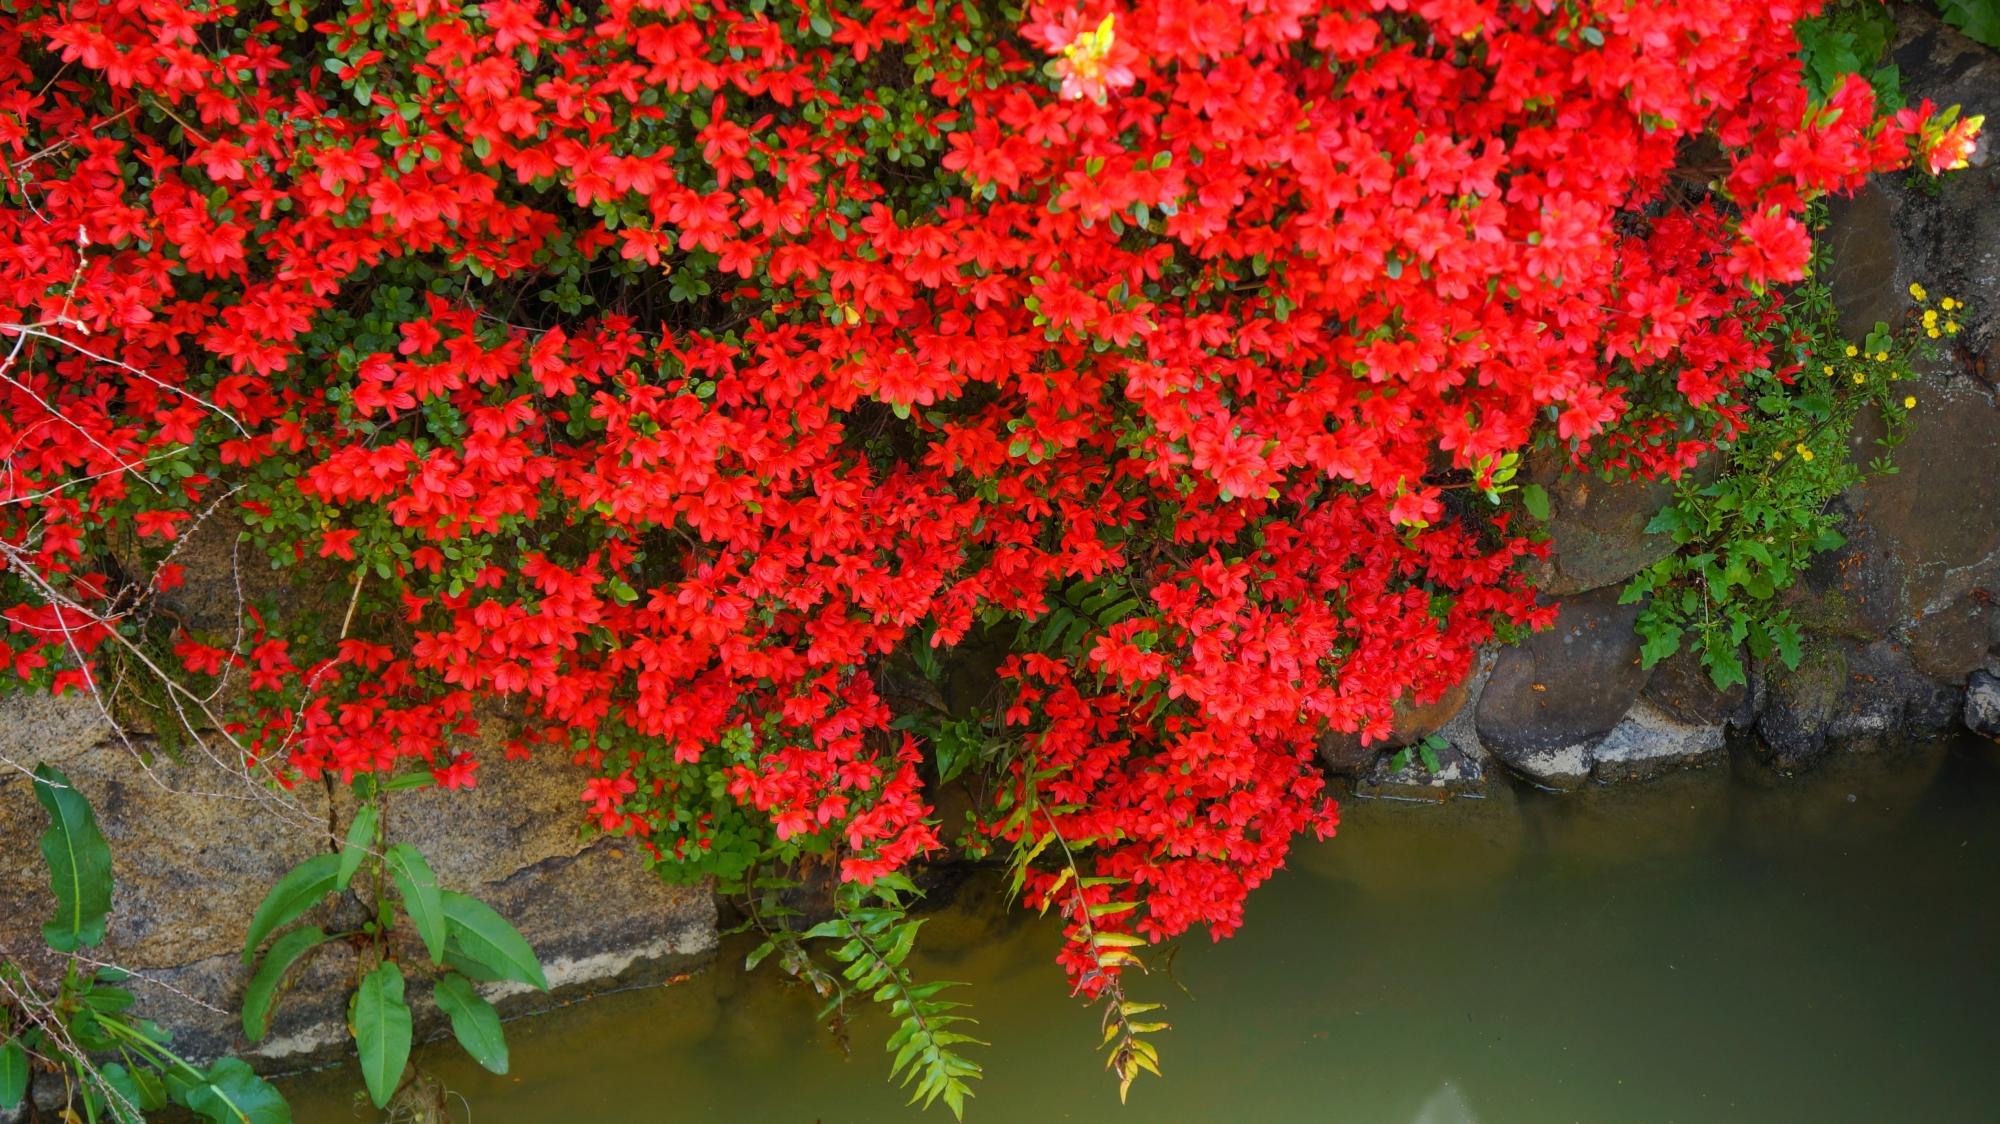 水面すれすれまで花が咲く八条ヶ池のきりしまつつじ